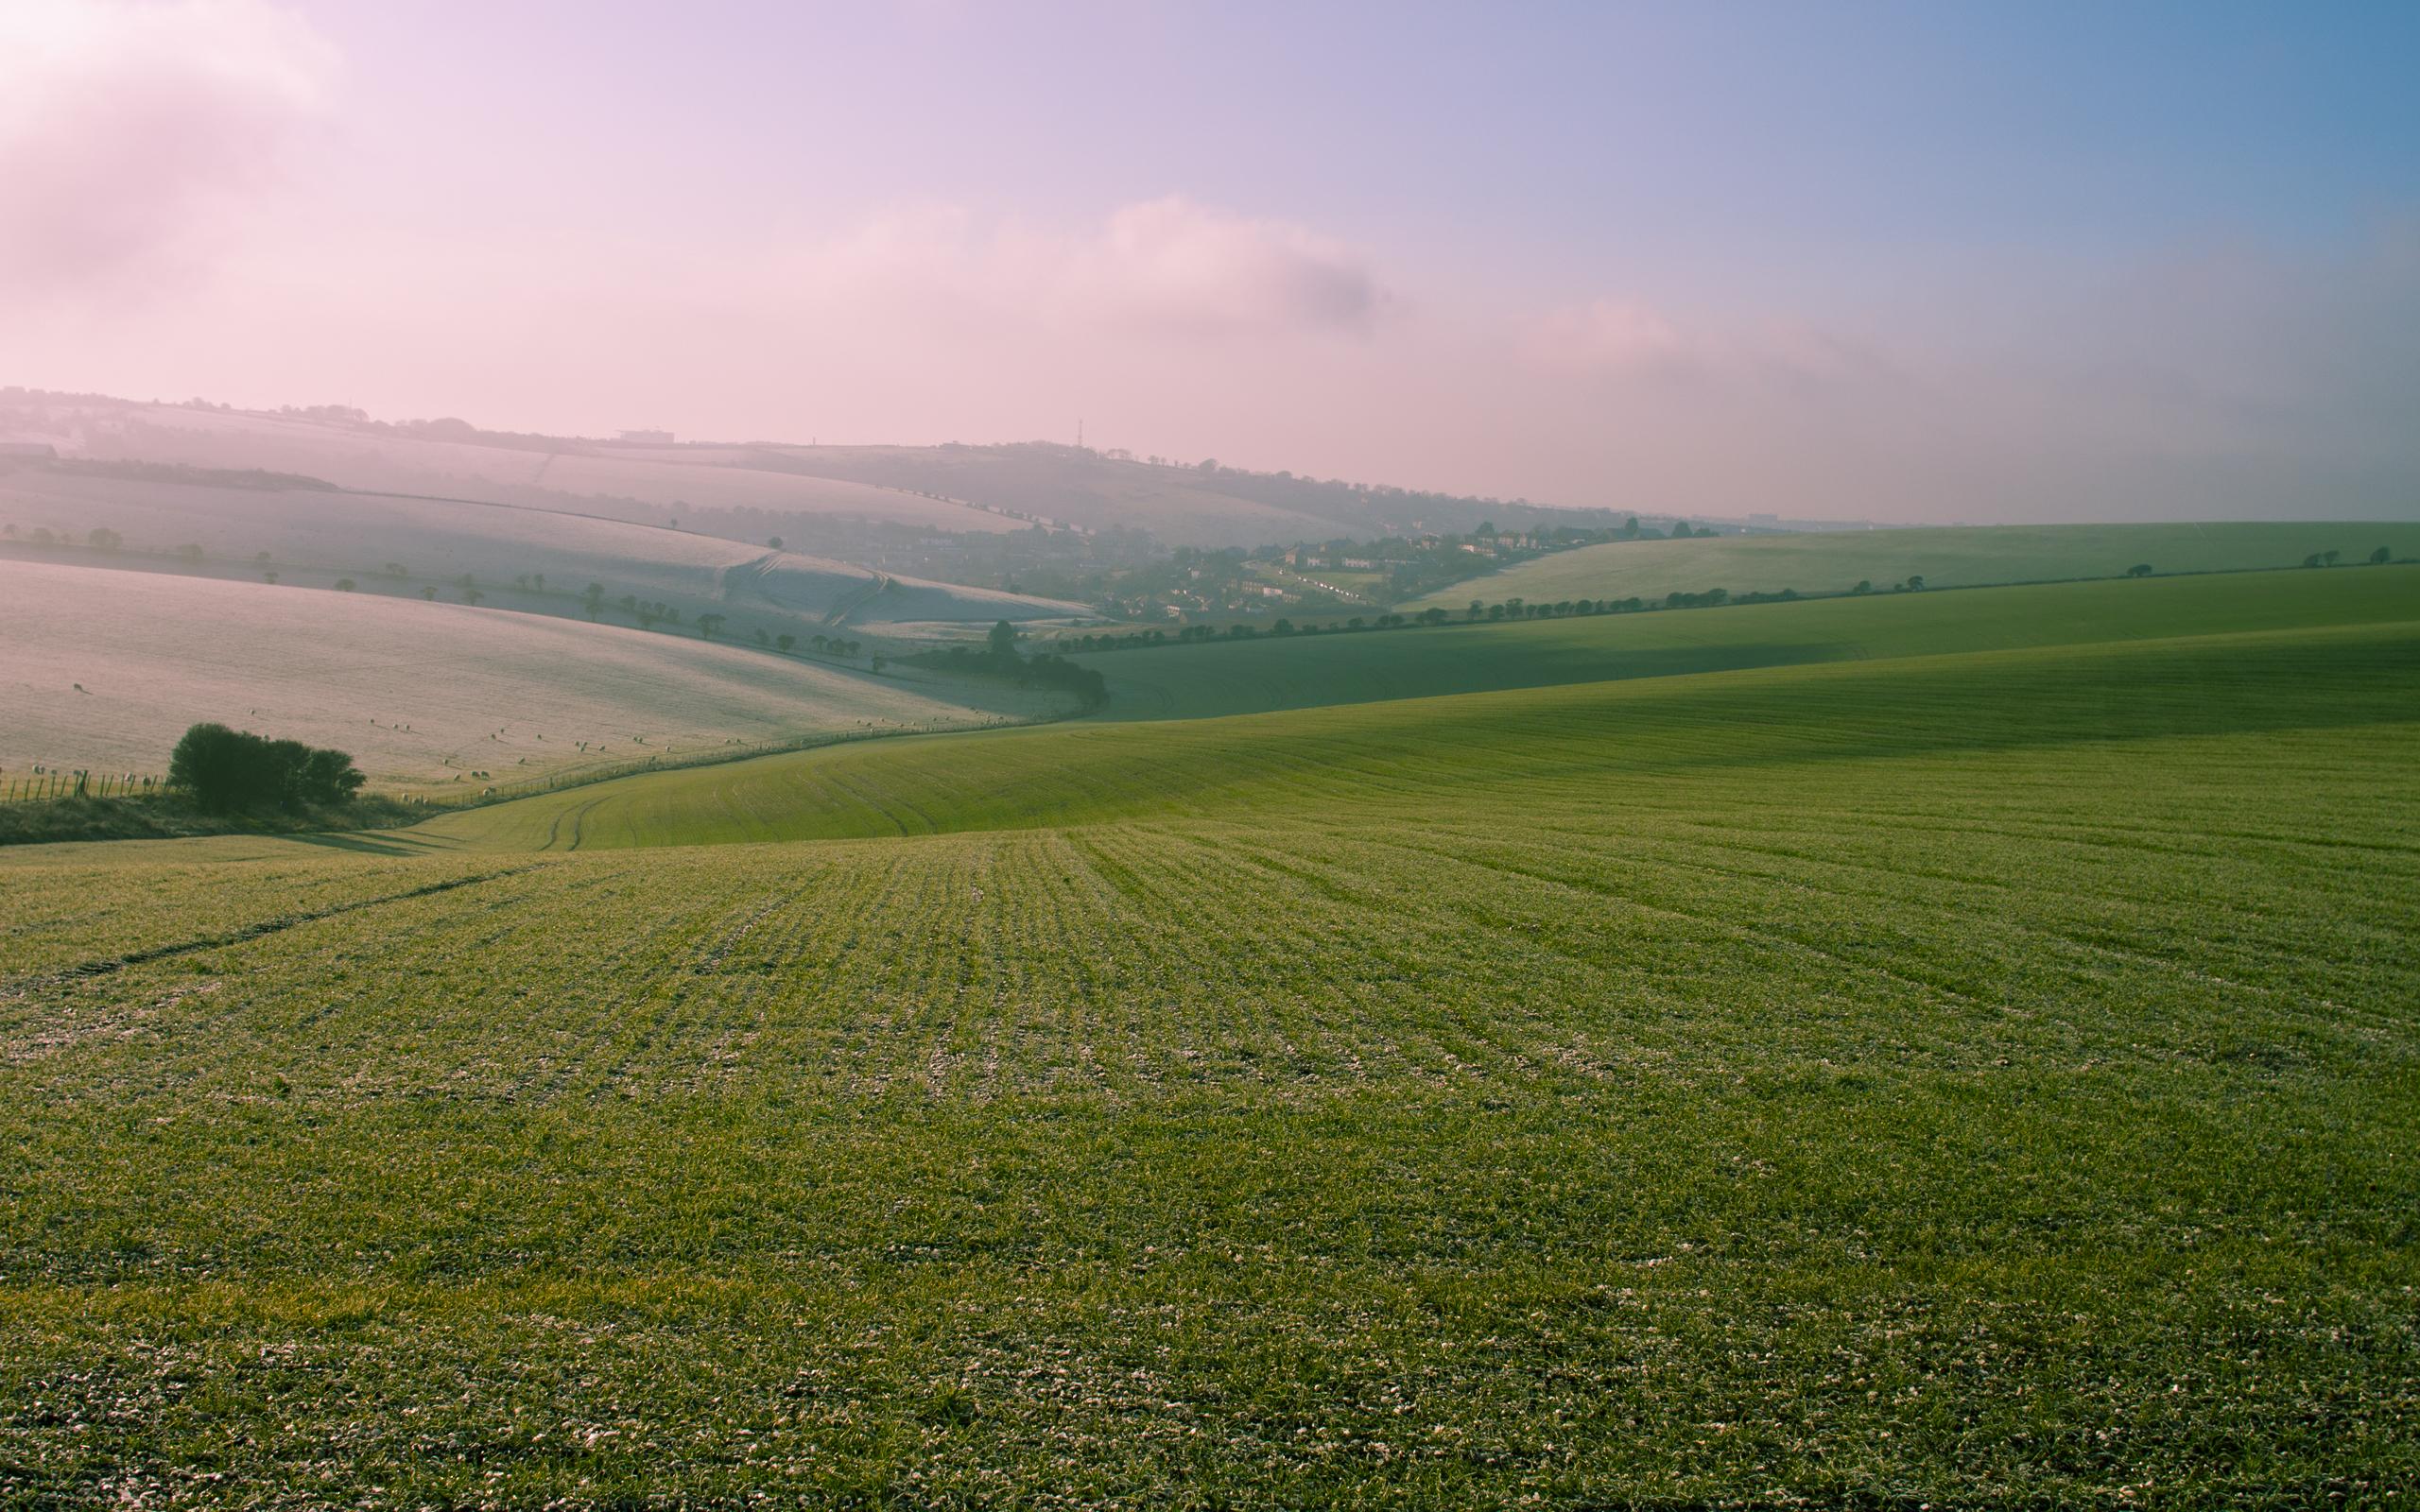 field 2560x1600 2616 - photo #10